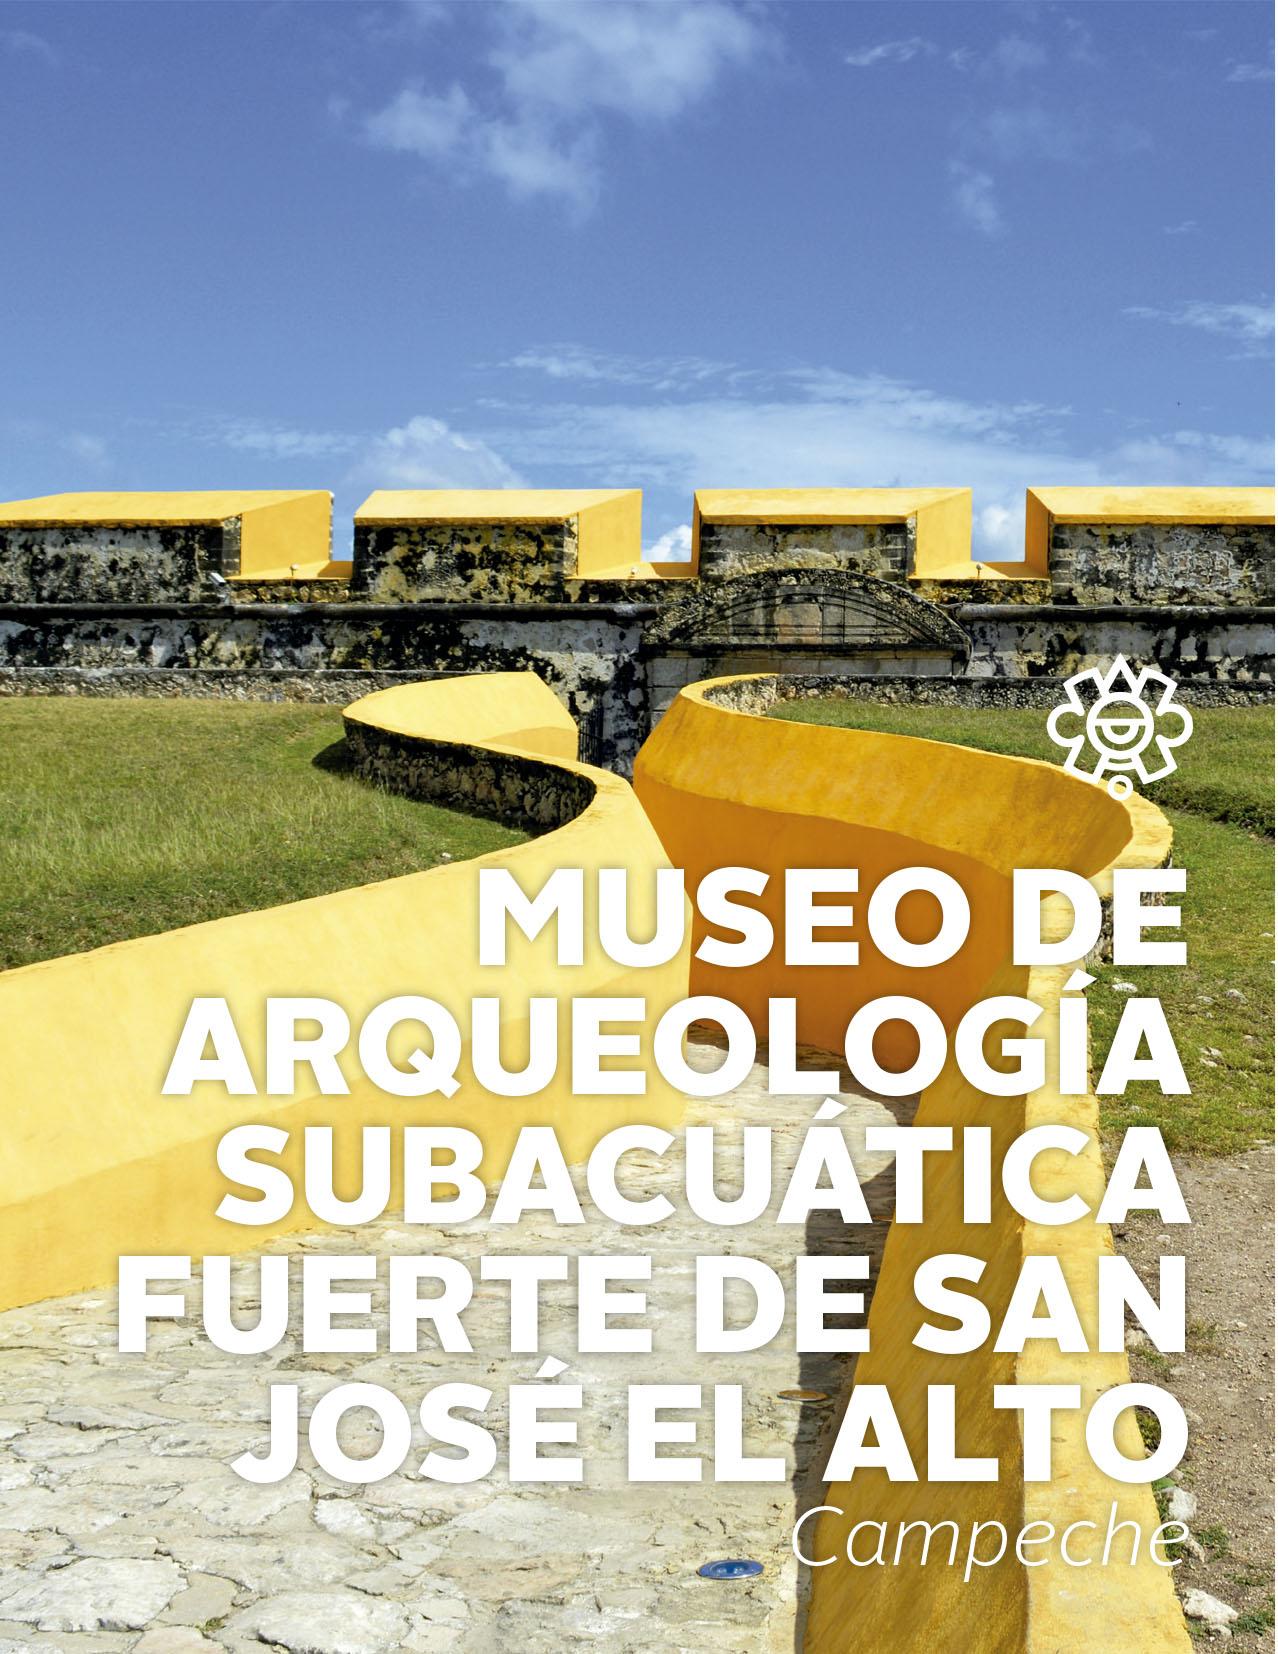 Museo de Arqueología Subacuática Fuerte de San José el Alto